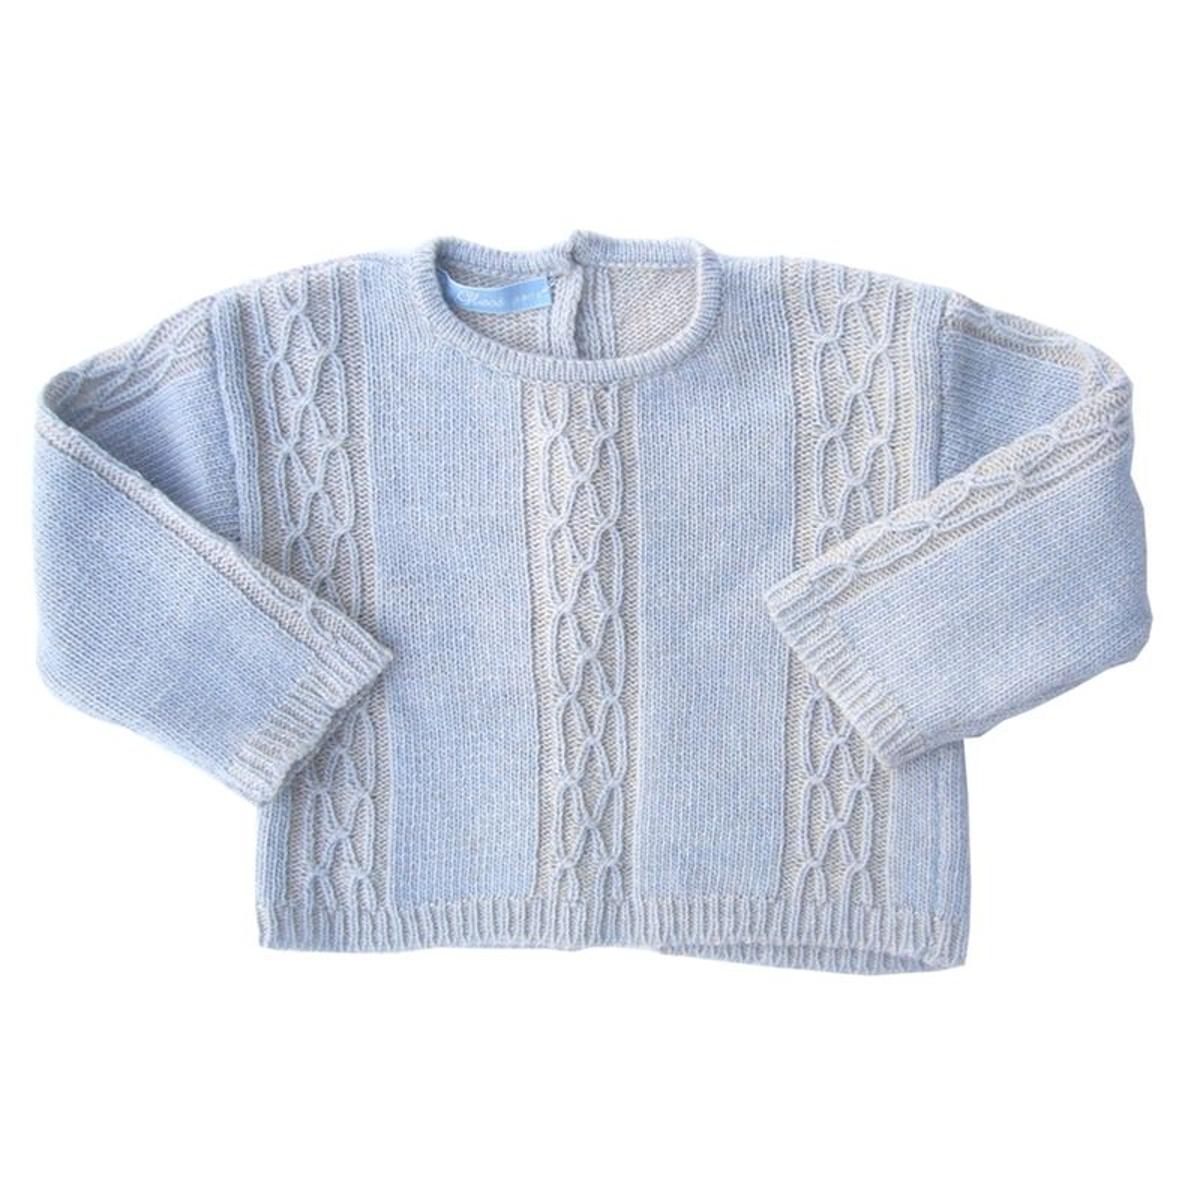 Pull cachemire  mérinos bleu et beige pour bébé